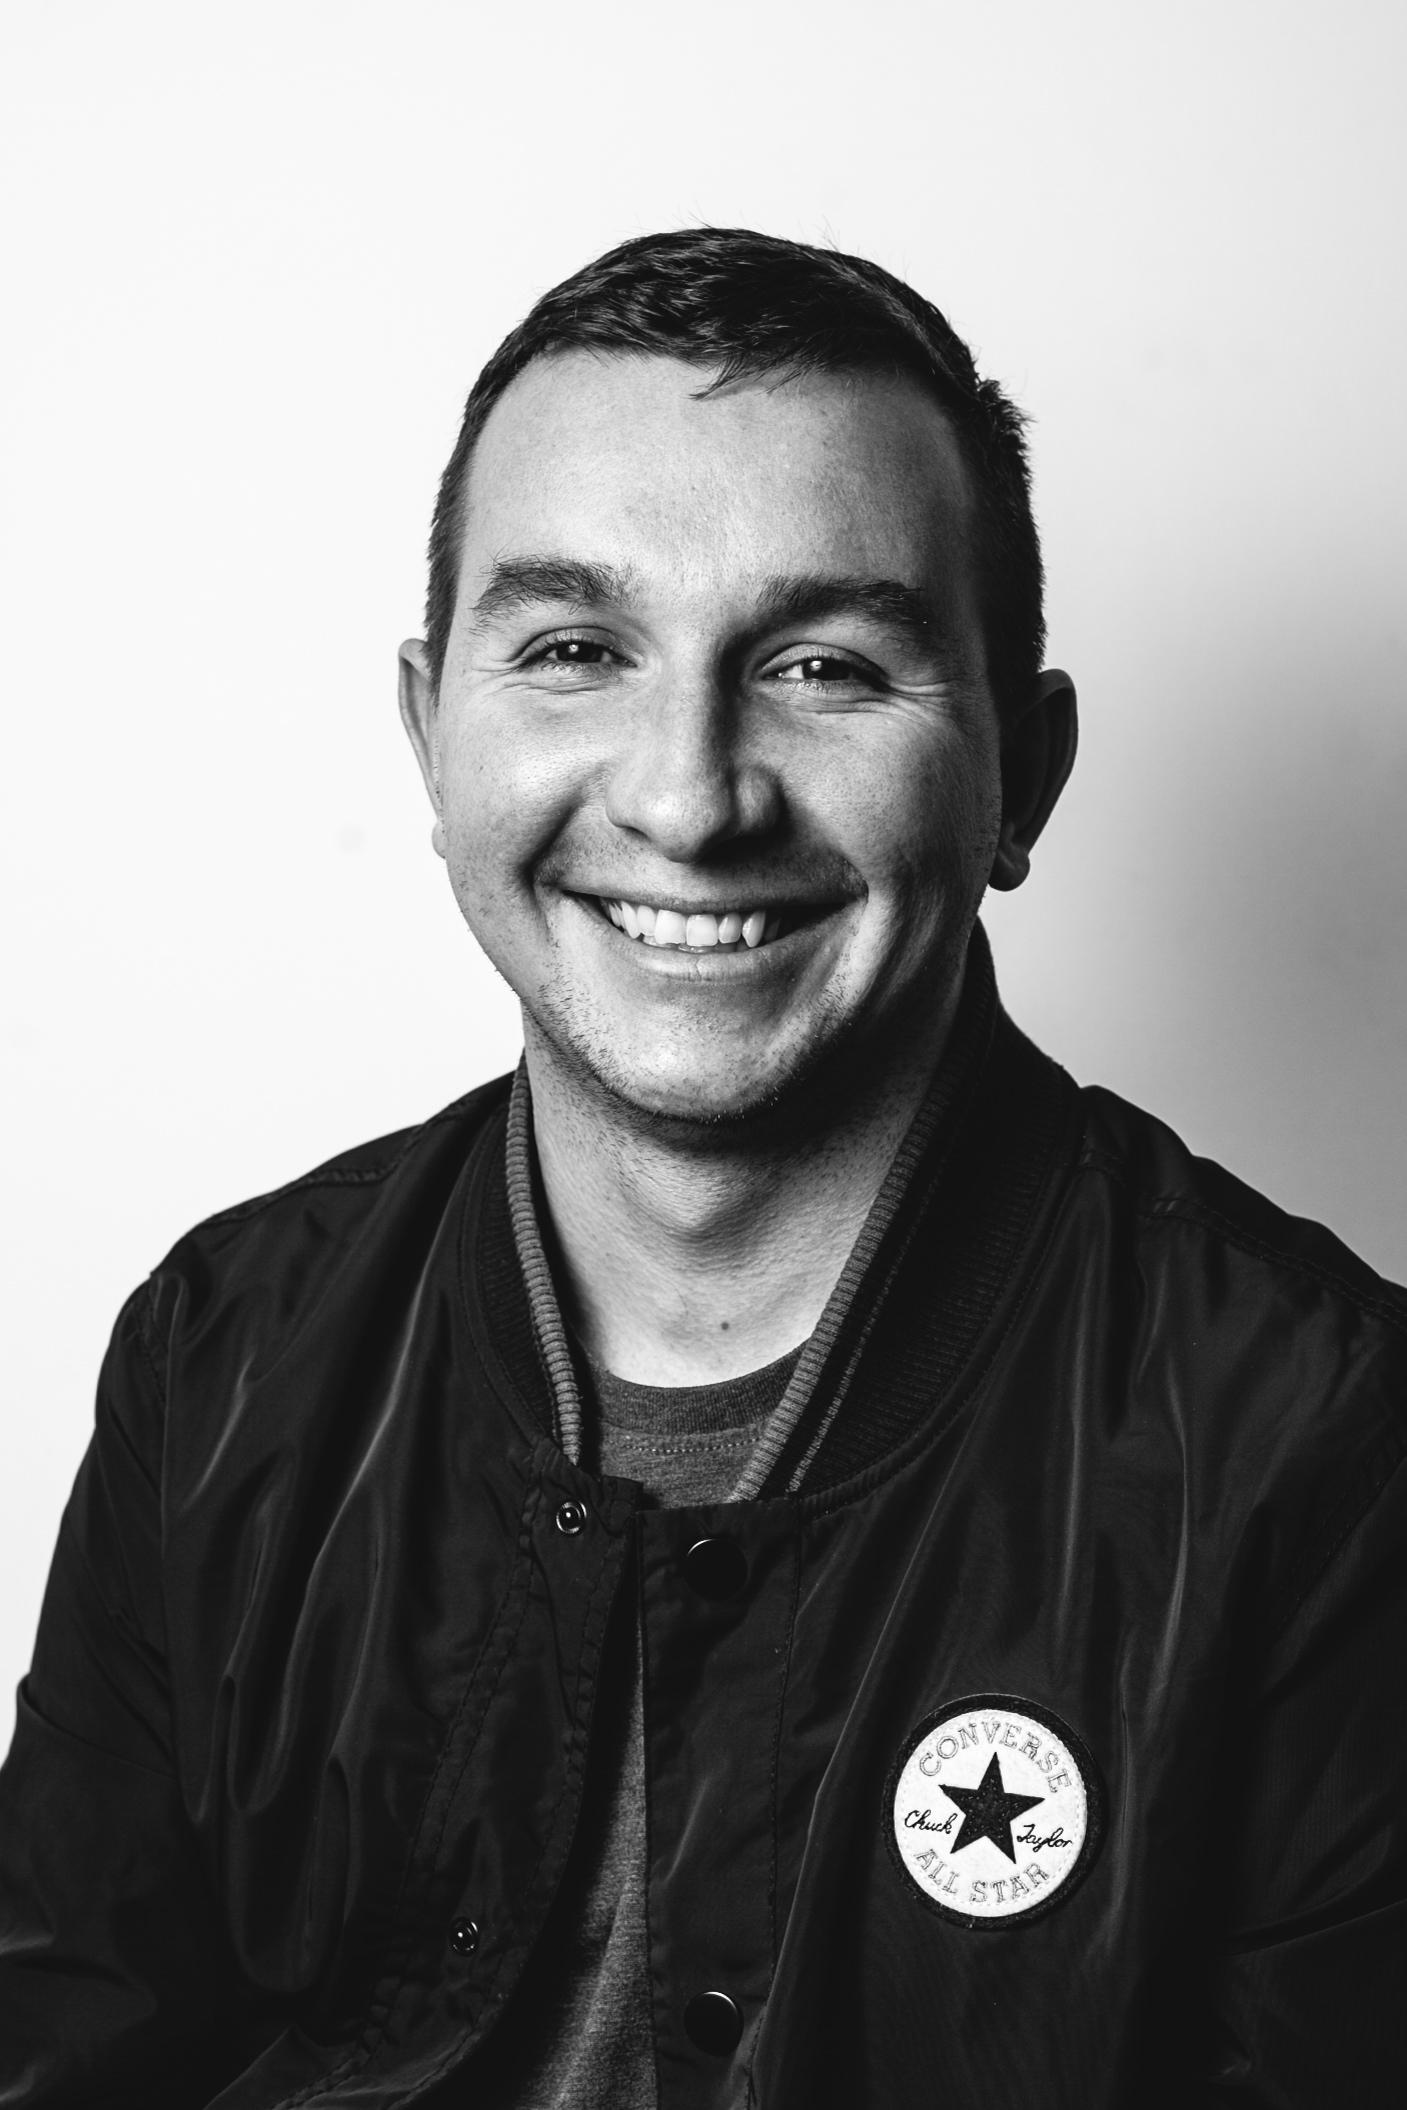 daniel lipinski photographer black and white portrait